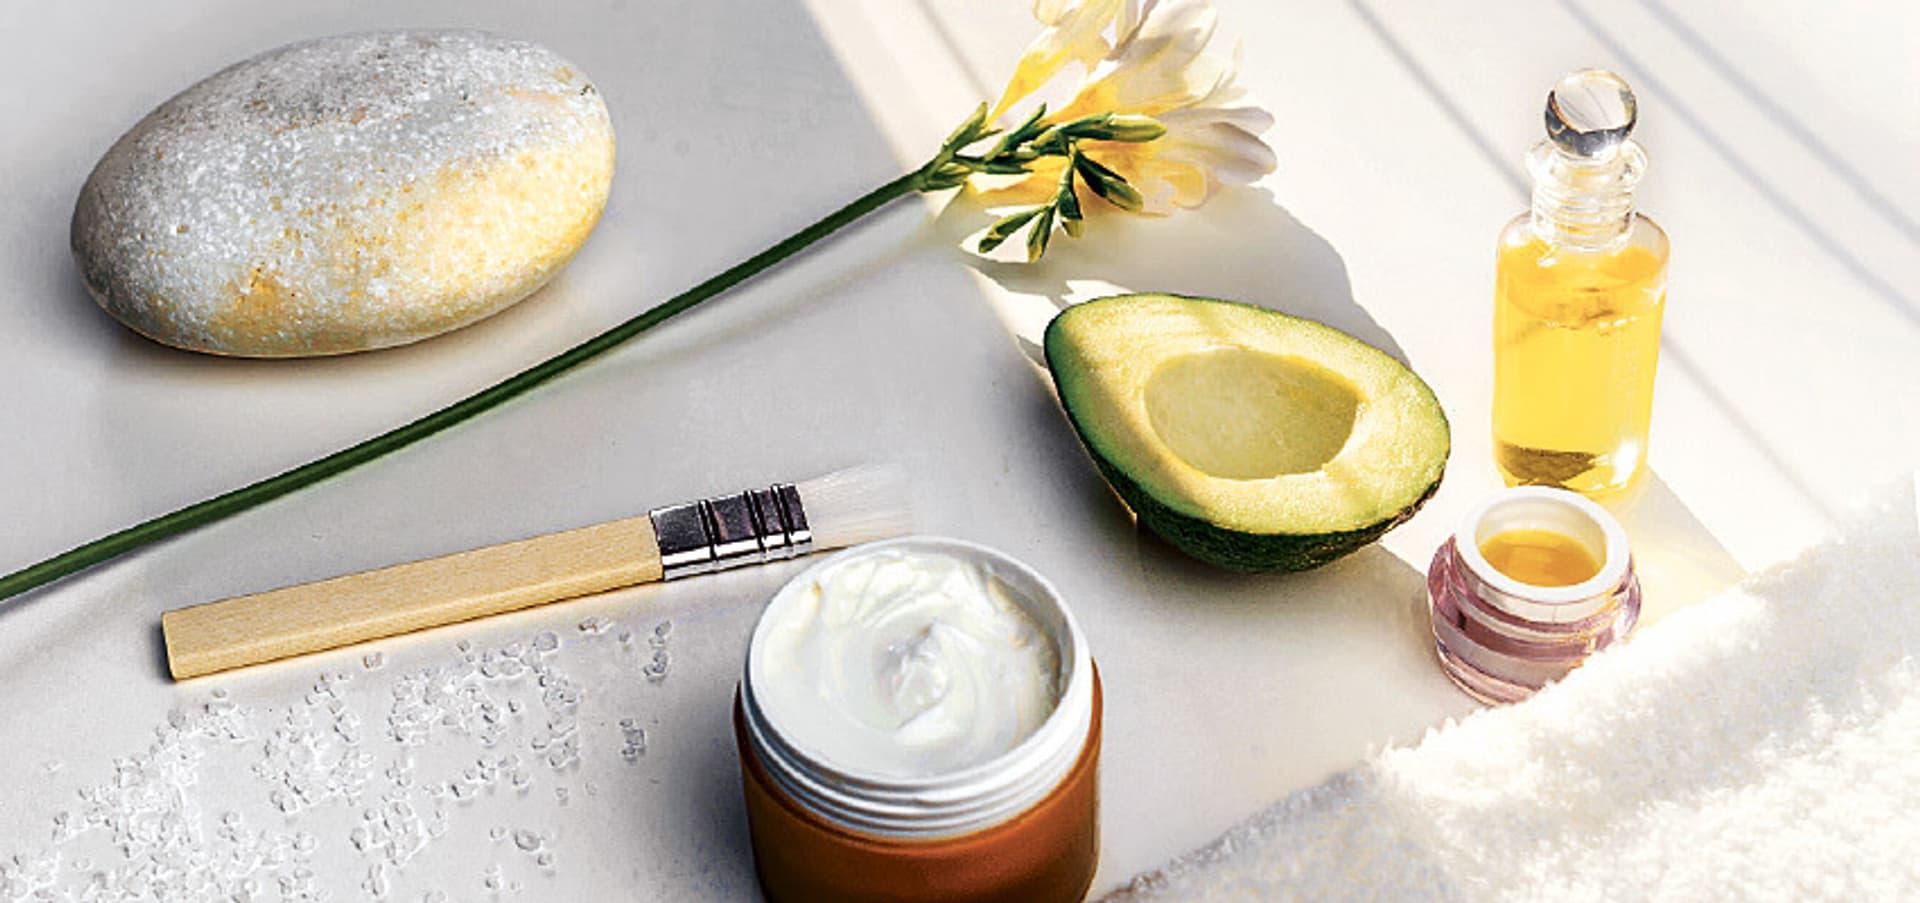 Stimmungsvolles Kosmetikbild mit einer Avocadohälfte, einer Cremedose und einem Pinsel.